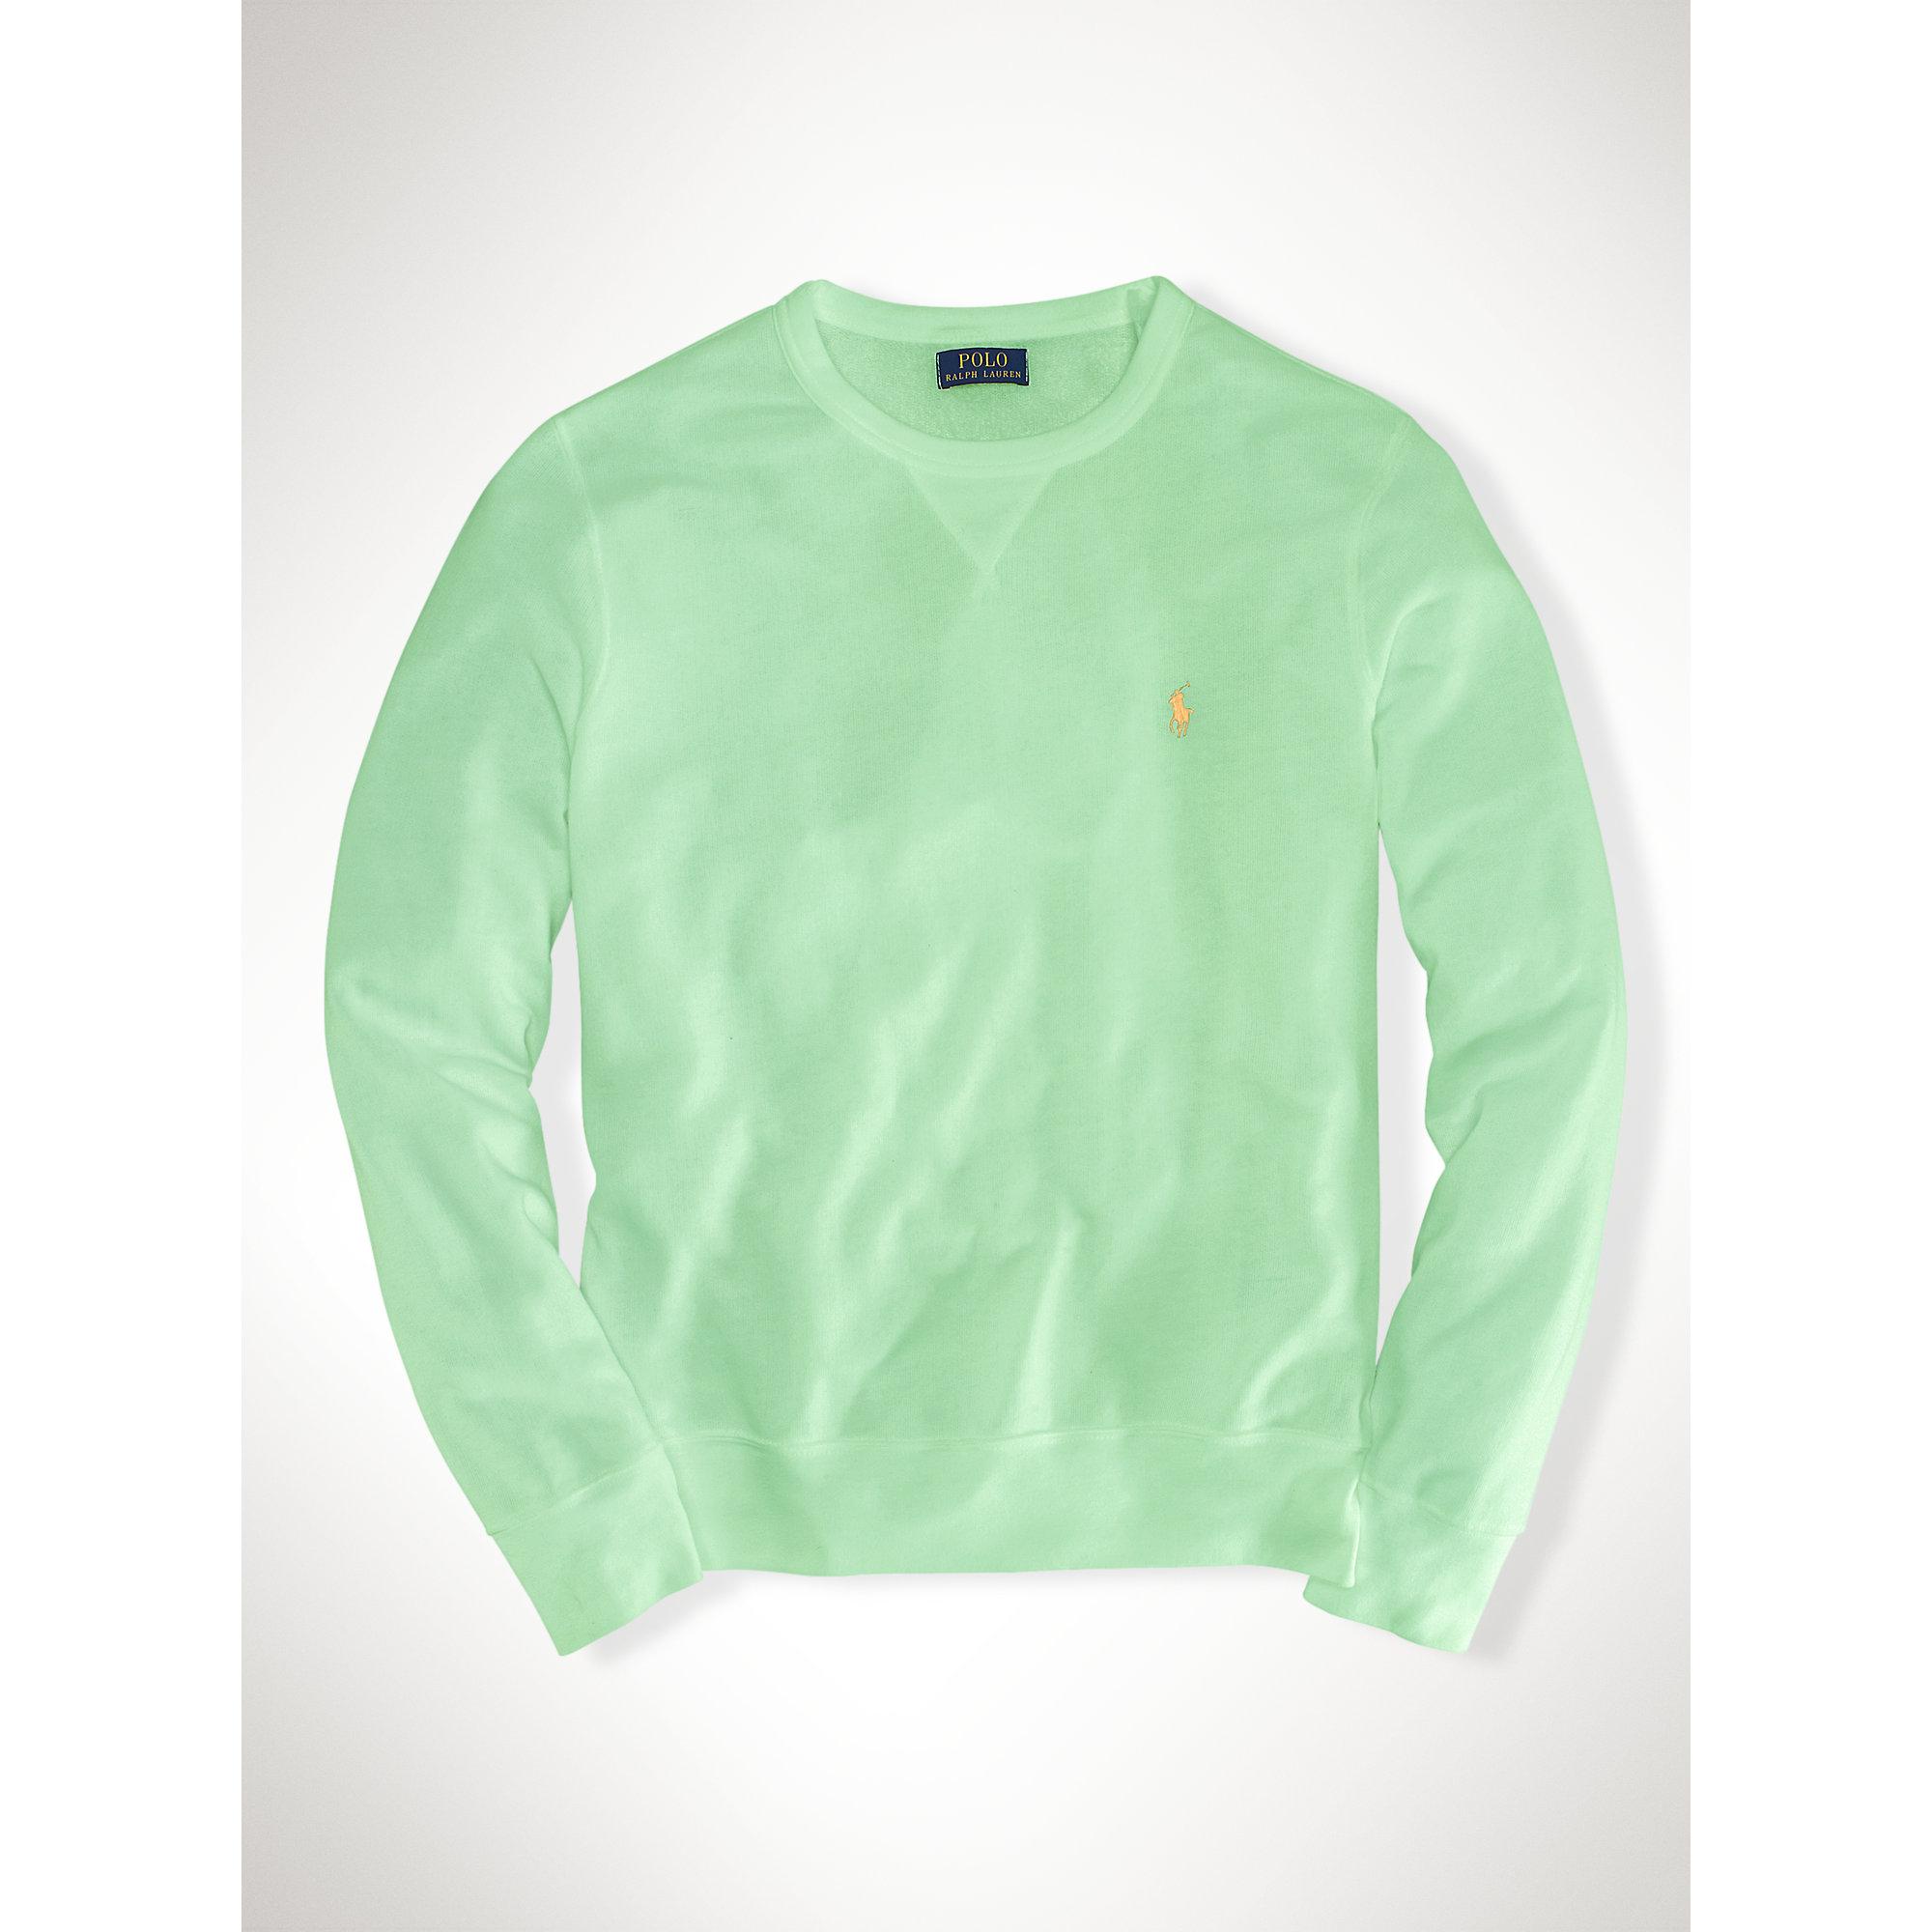 67819ada7857 ... discount code for lyst polo ralph lauren atlantic terry crew sweatshirt  in green for men f0bc3